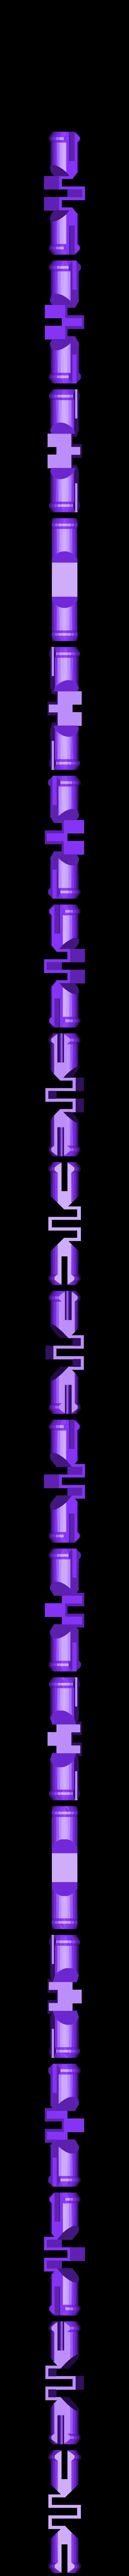 SpringPin_35mm.stl Télécharger fichier STL gratuit Epingles à ressort et épingles à serpent • Design à imprimer en 3D, gabutoillegna56